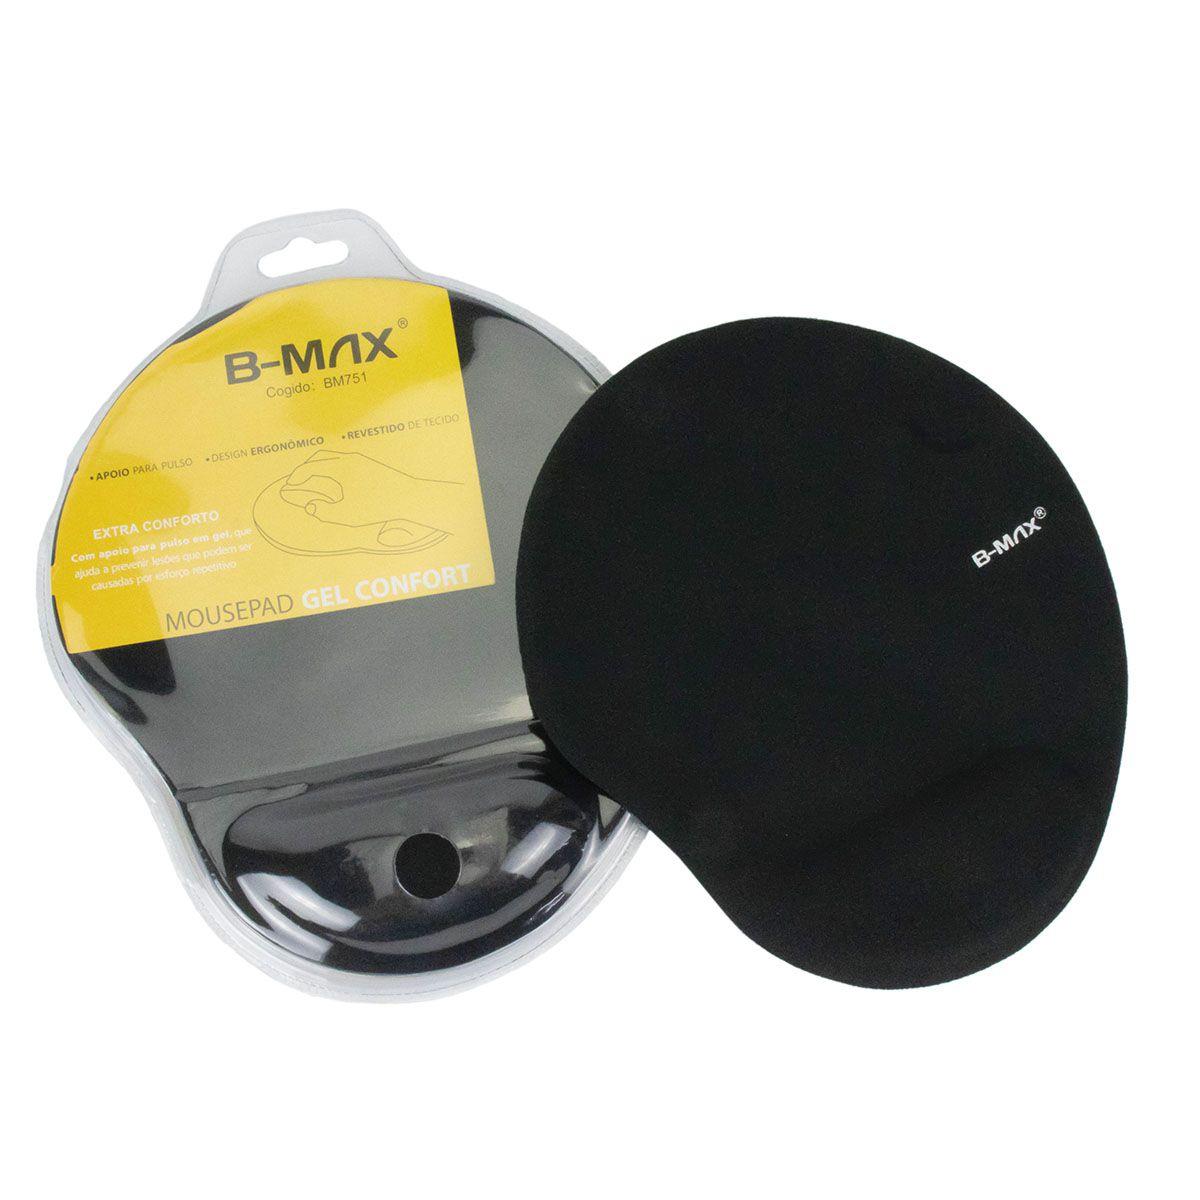 KIT 10x Mouse Pad com Apoio de Pulso em Gel Confort B-Max BM751